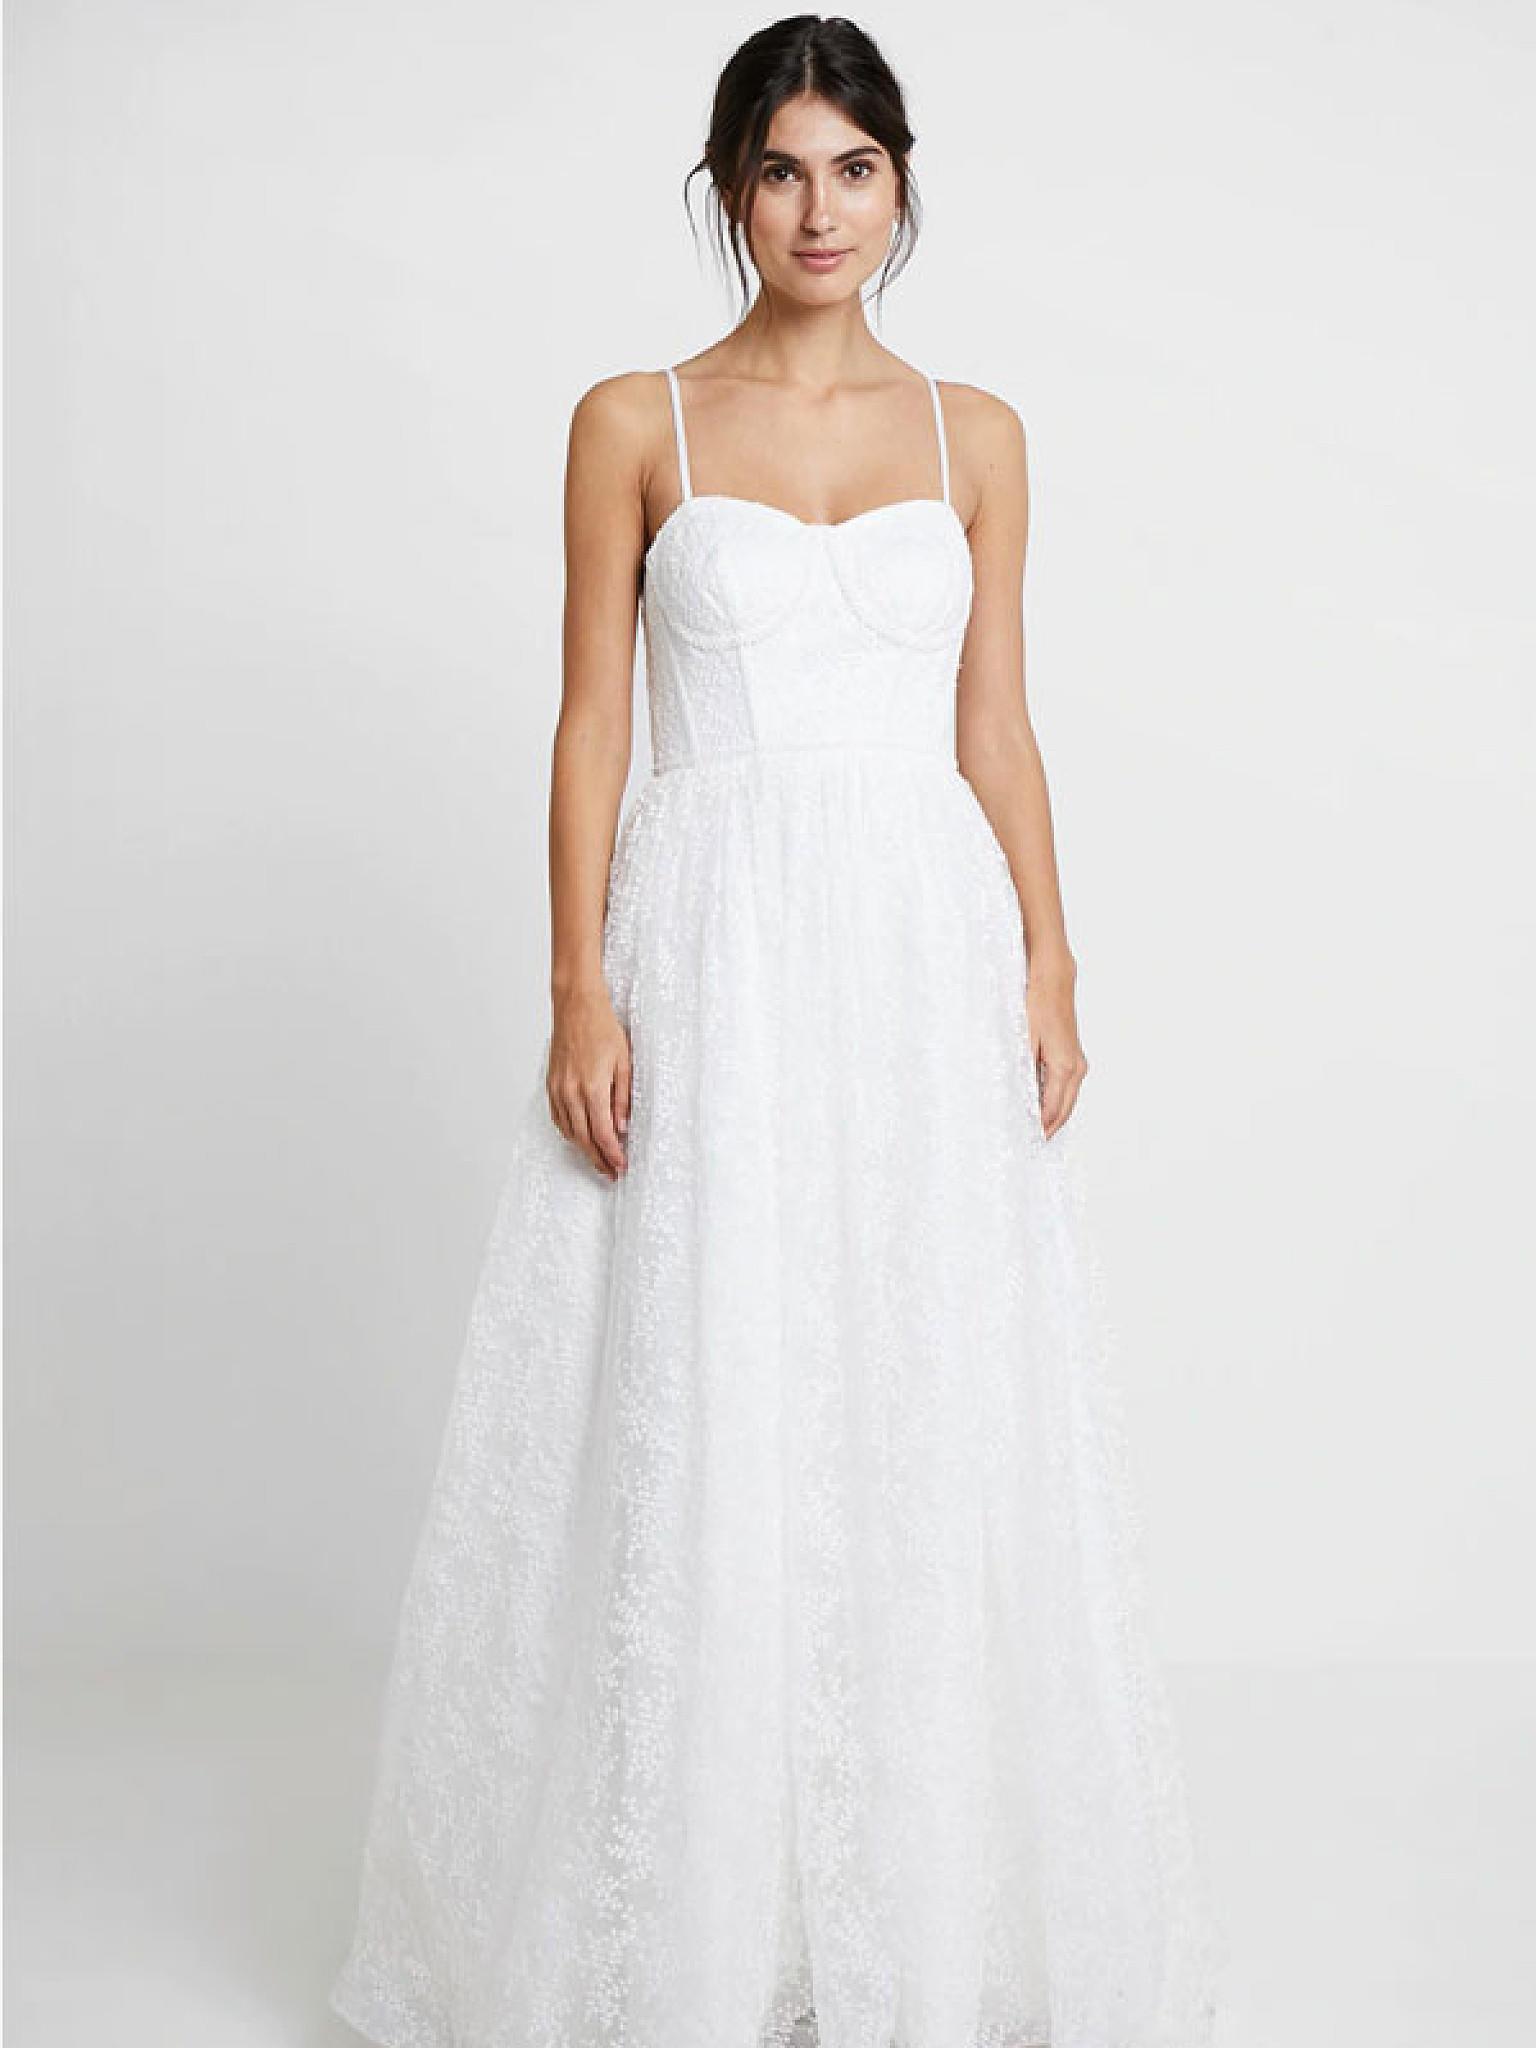 Günstige Brautmode Brautkleider Unter 500 Euro